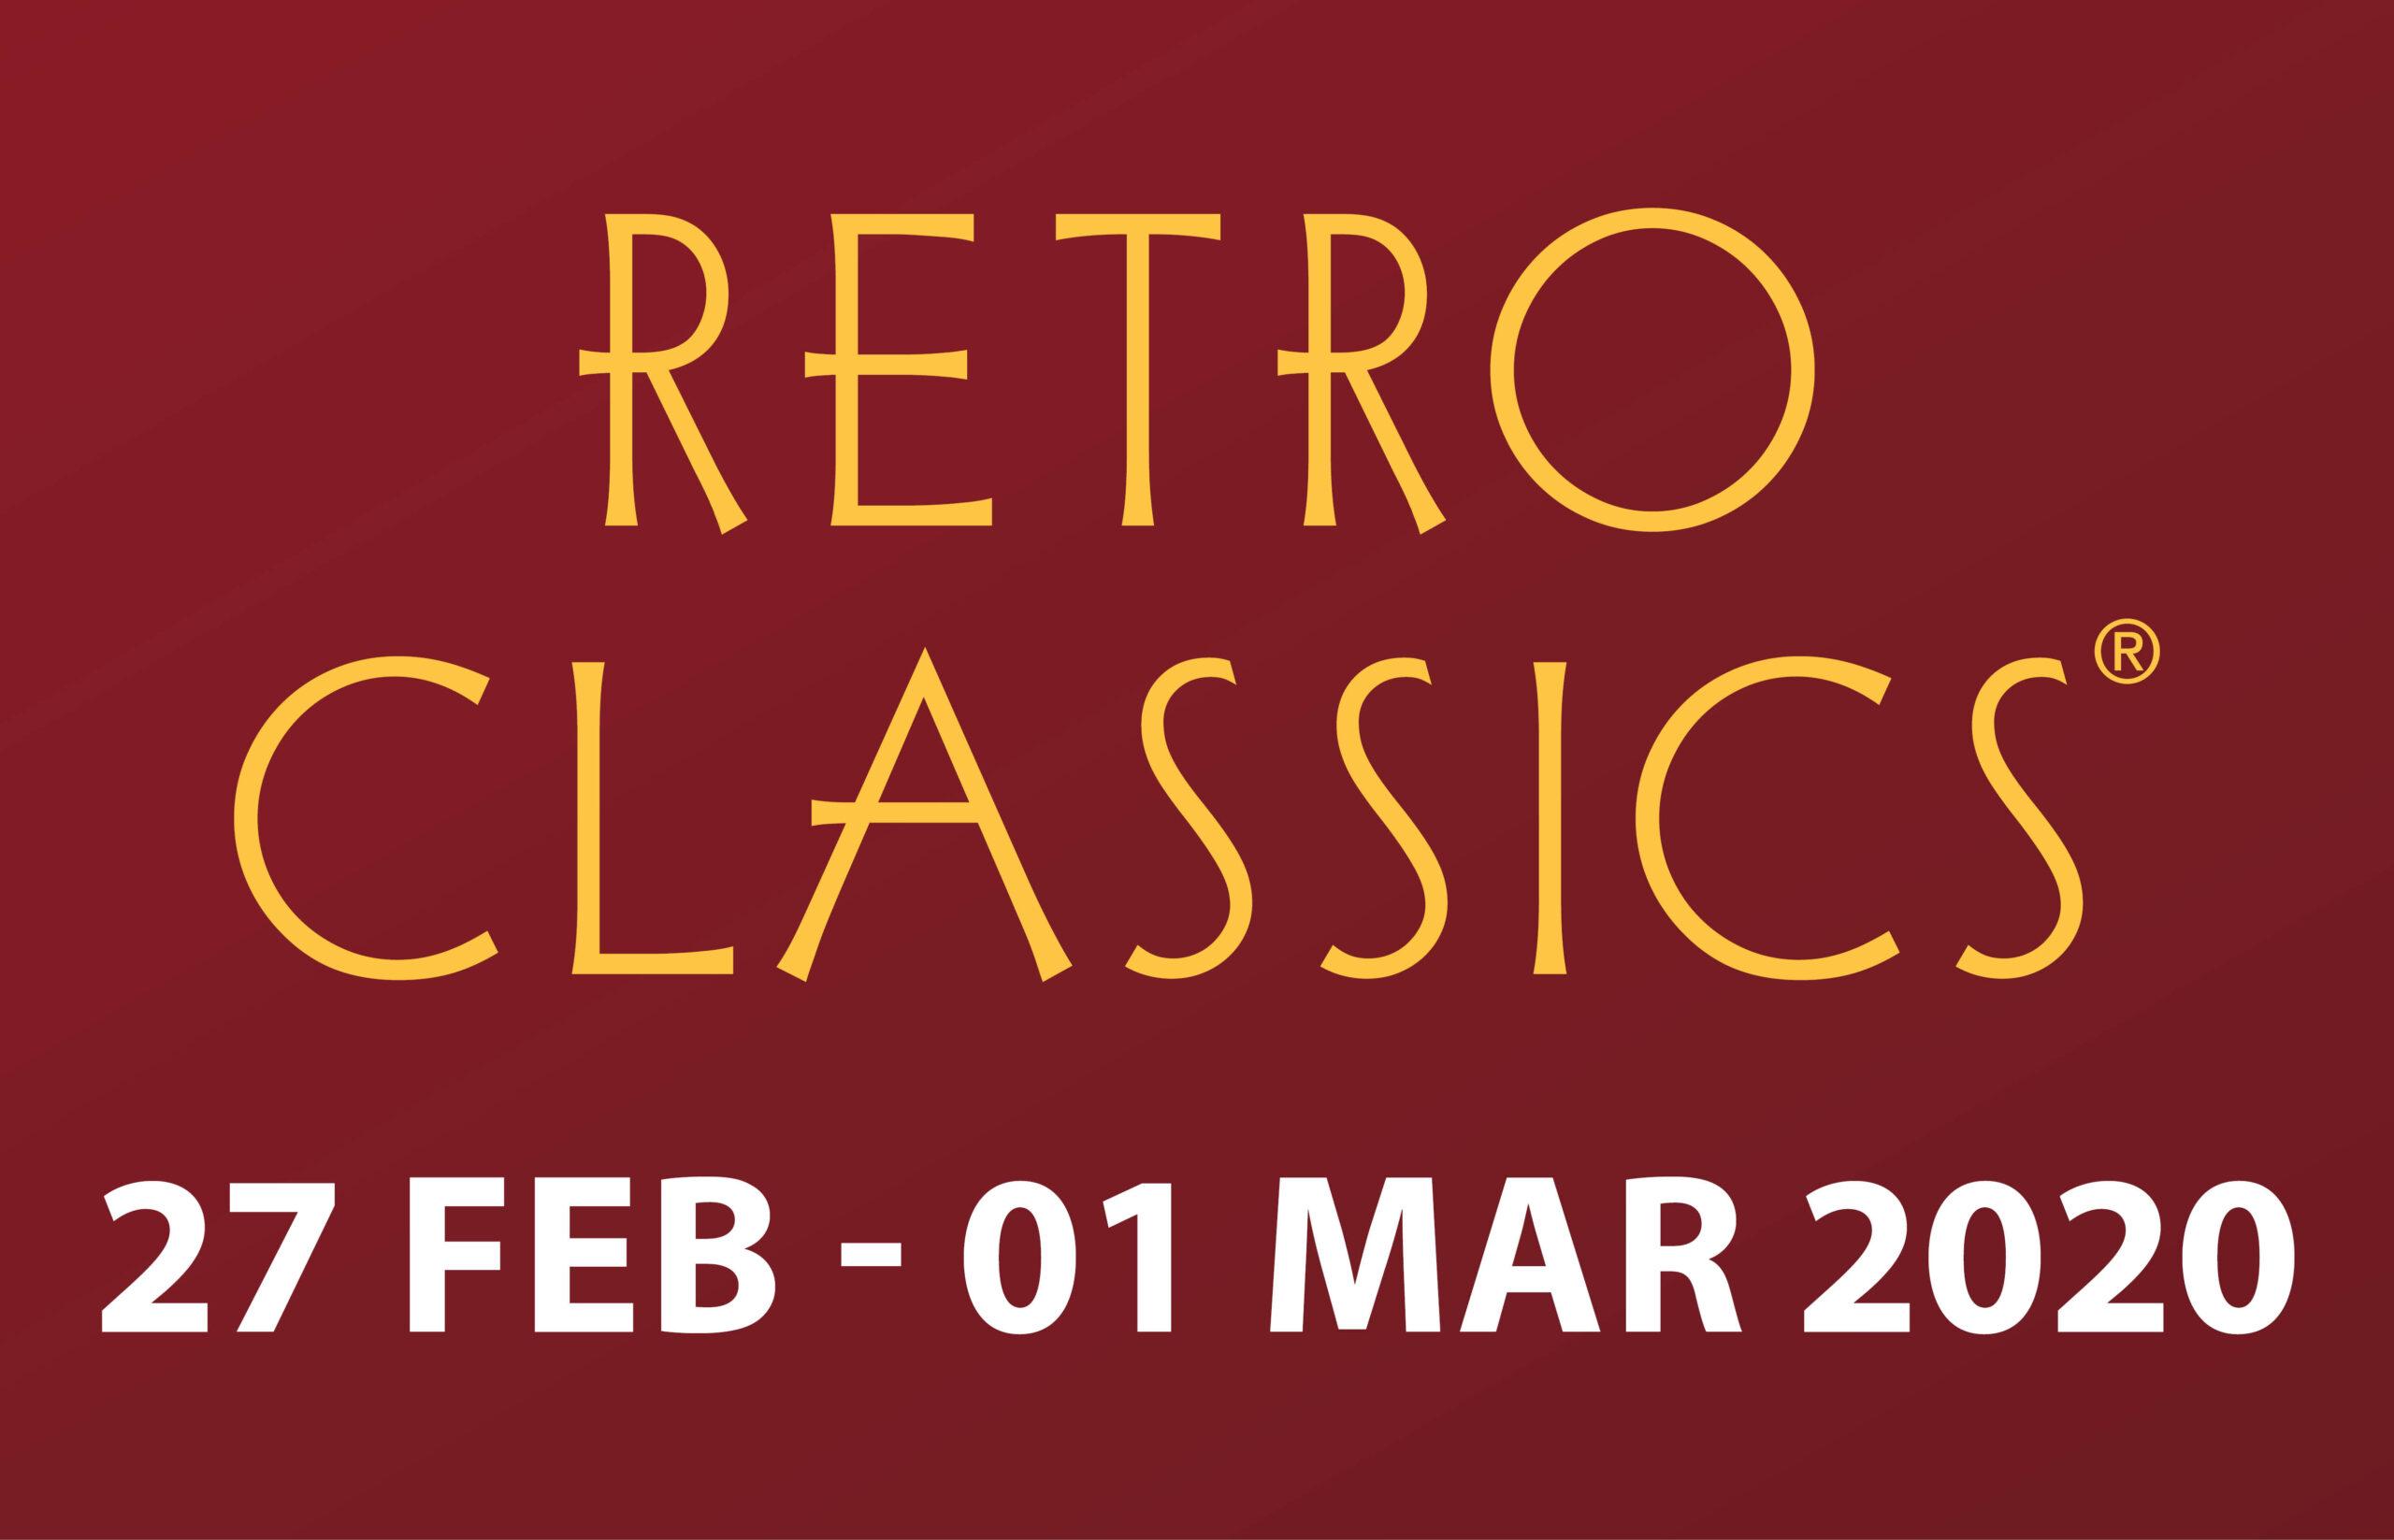 EB Motorsport - Retro Classics 2020